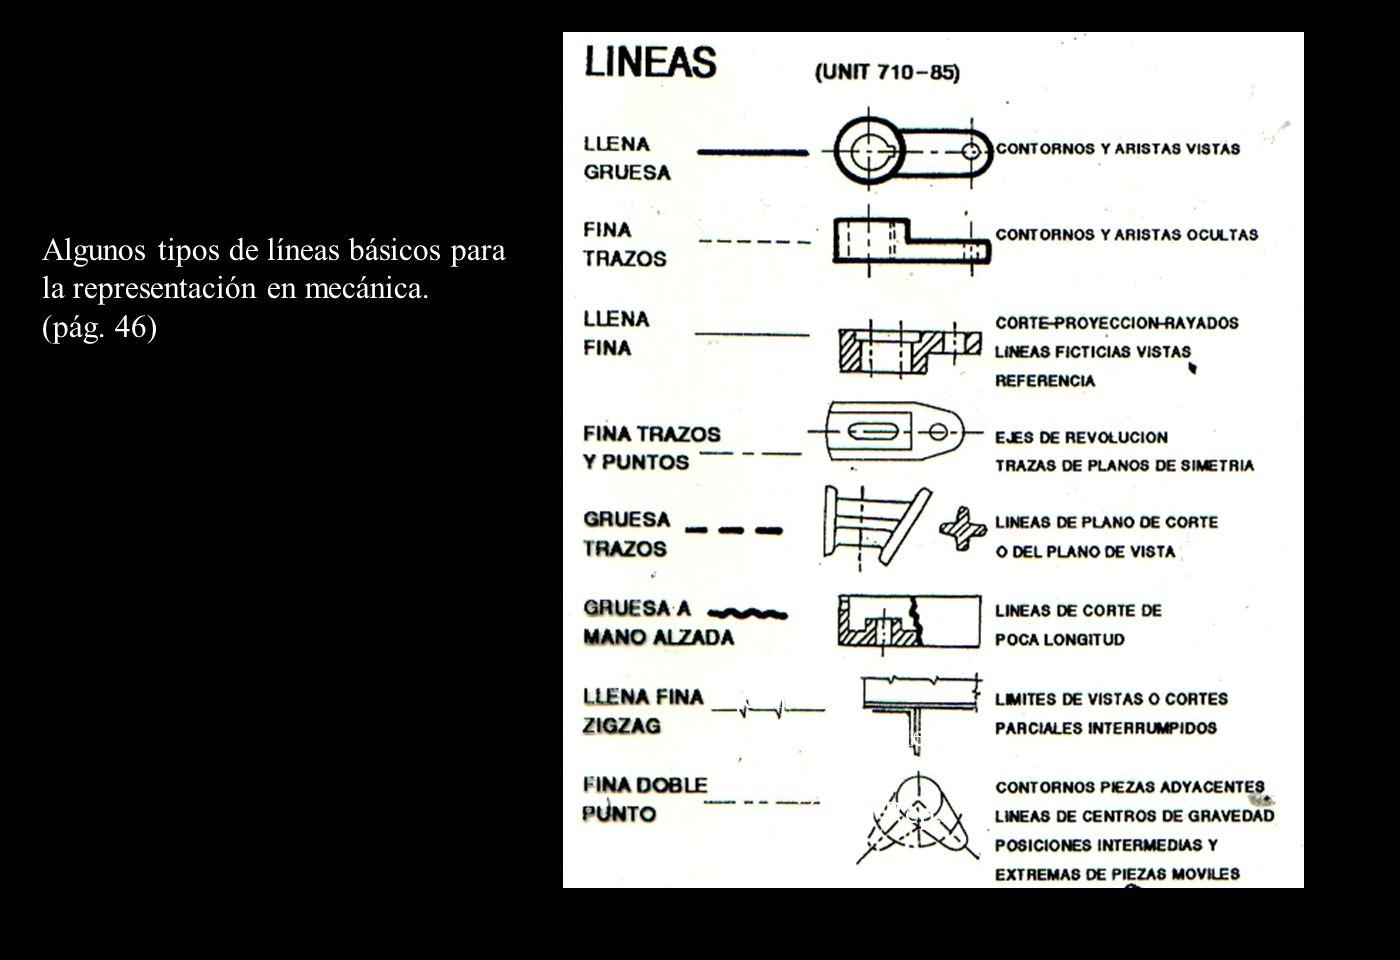 Algunos tipos de líneas básicos para la representación en mecánica.